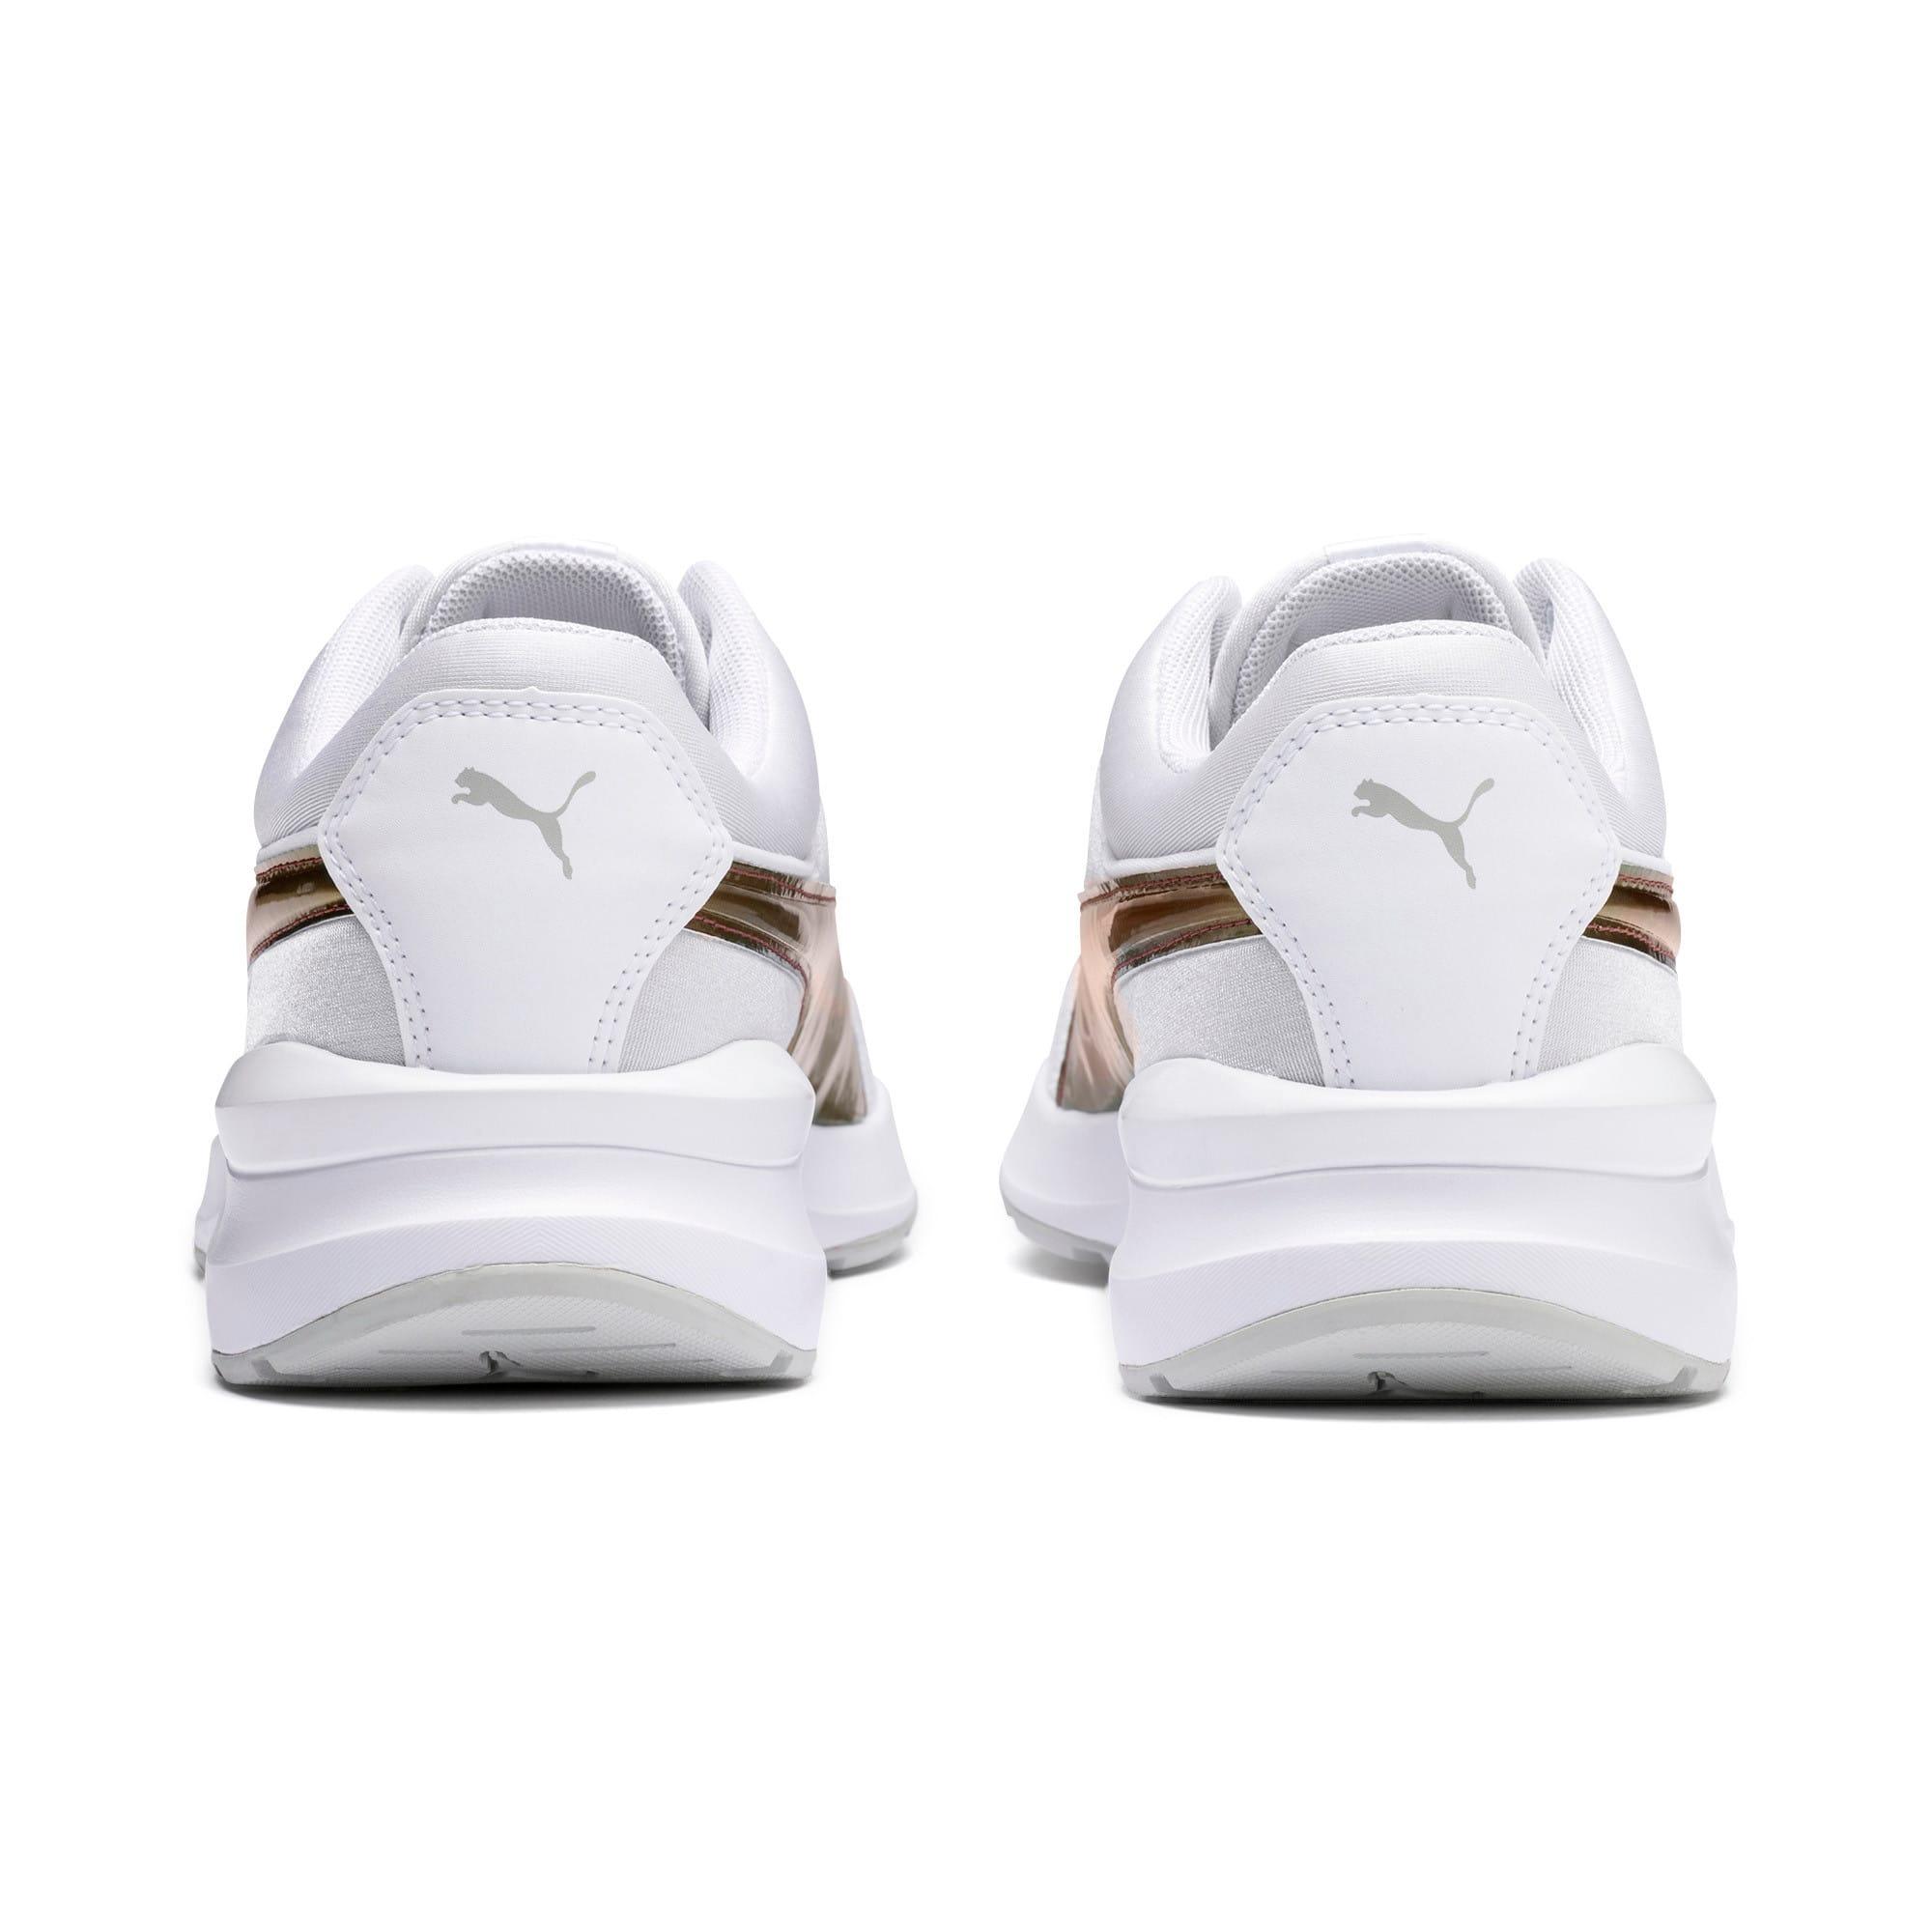 Miniatura 4 de Zapatos deportivos AdelaTrailblazer para mujer, Puma White-Puma White, mediano